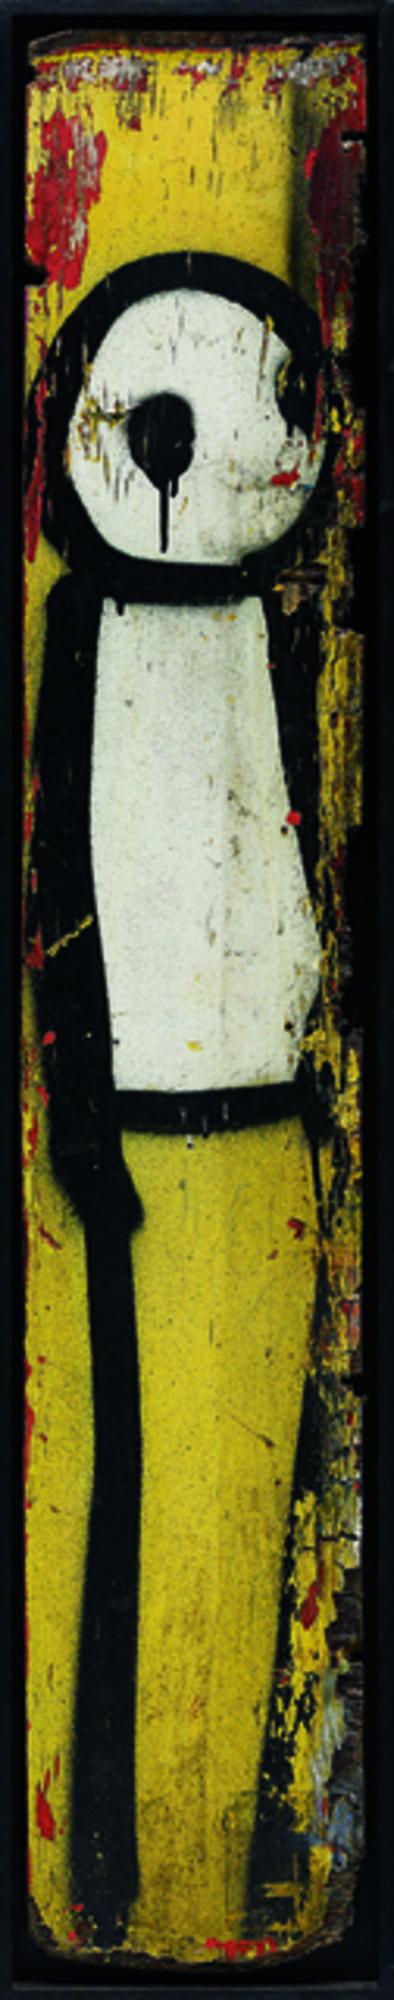 Stik, 'Magpie', 2009